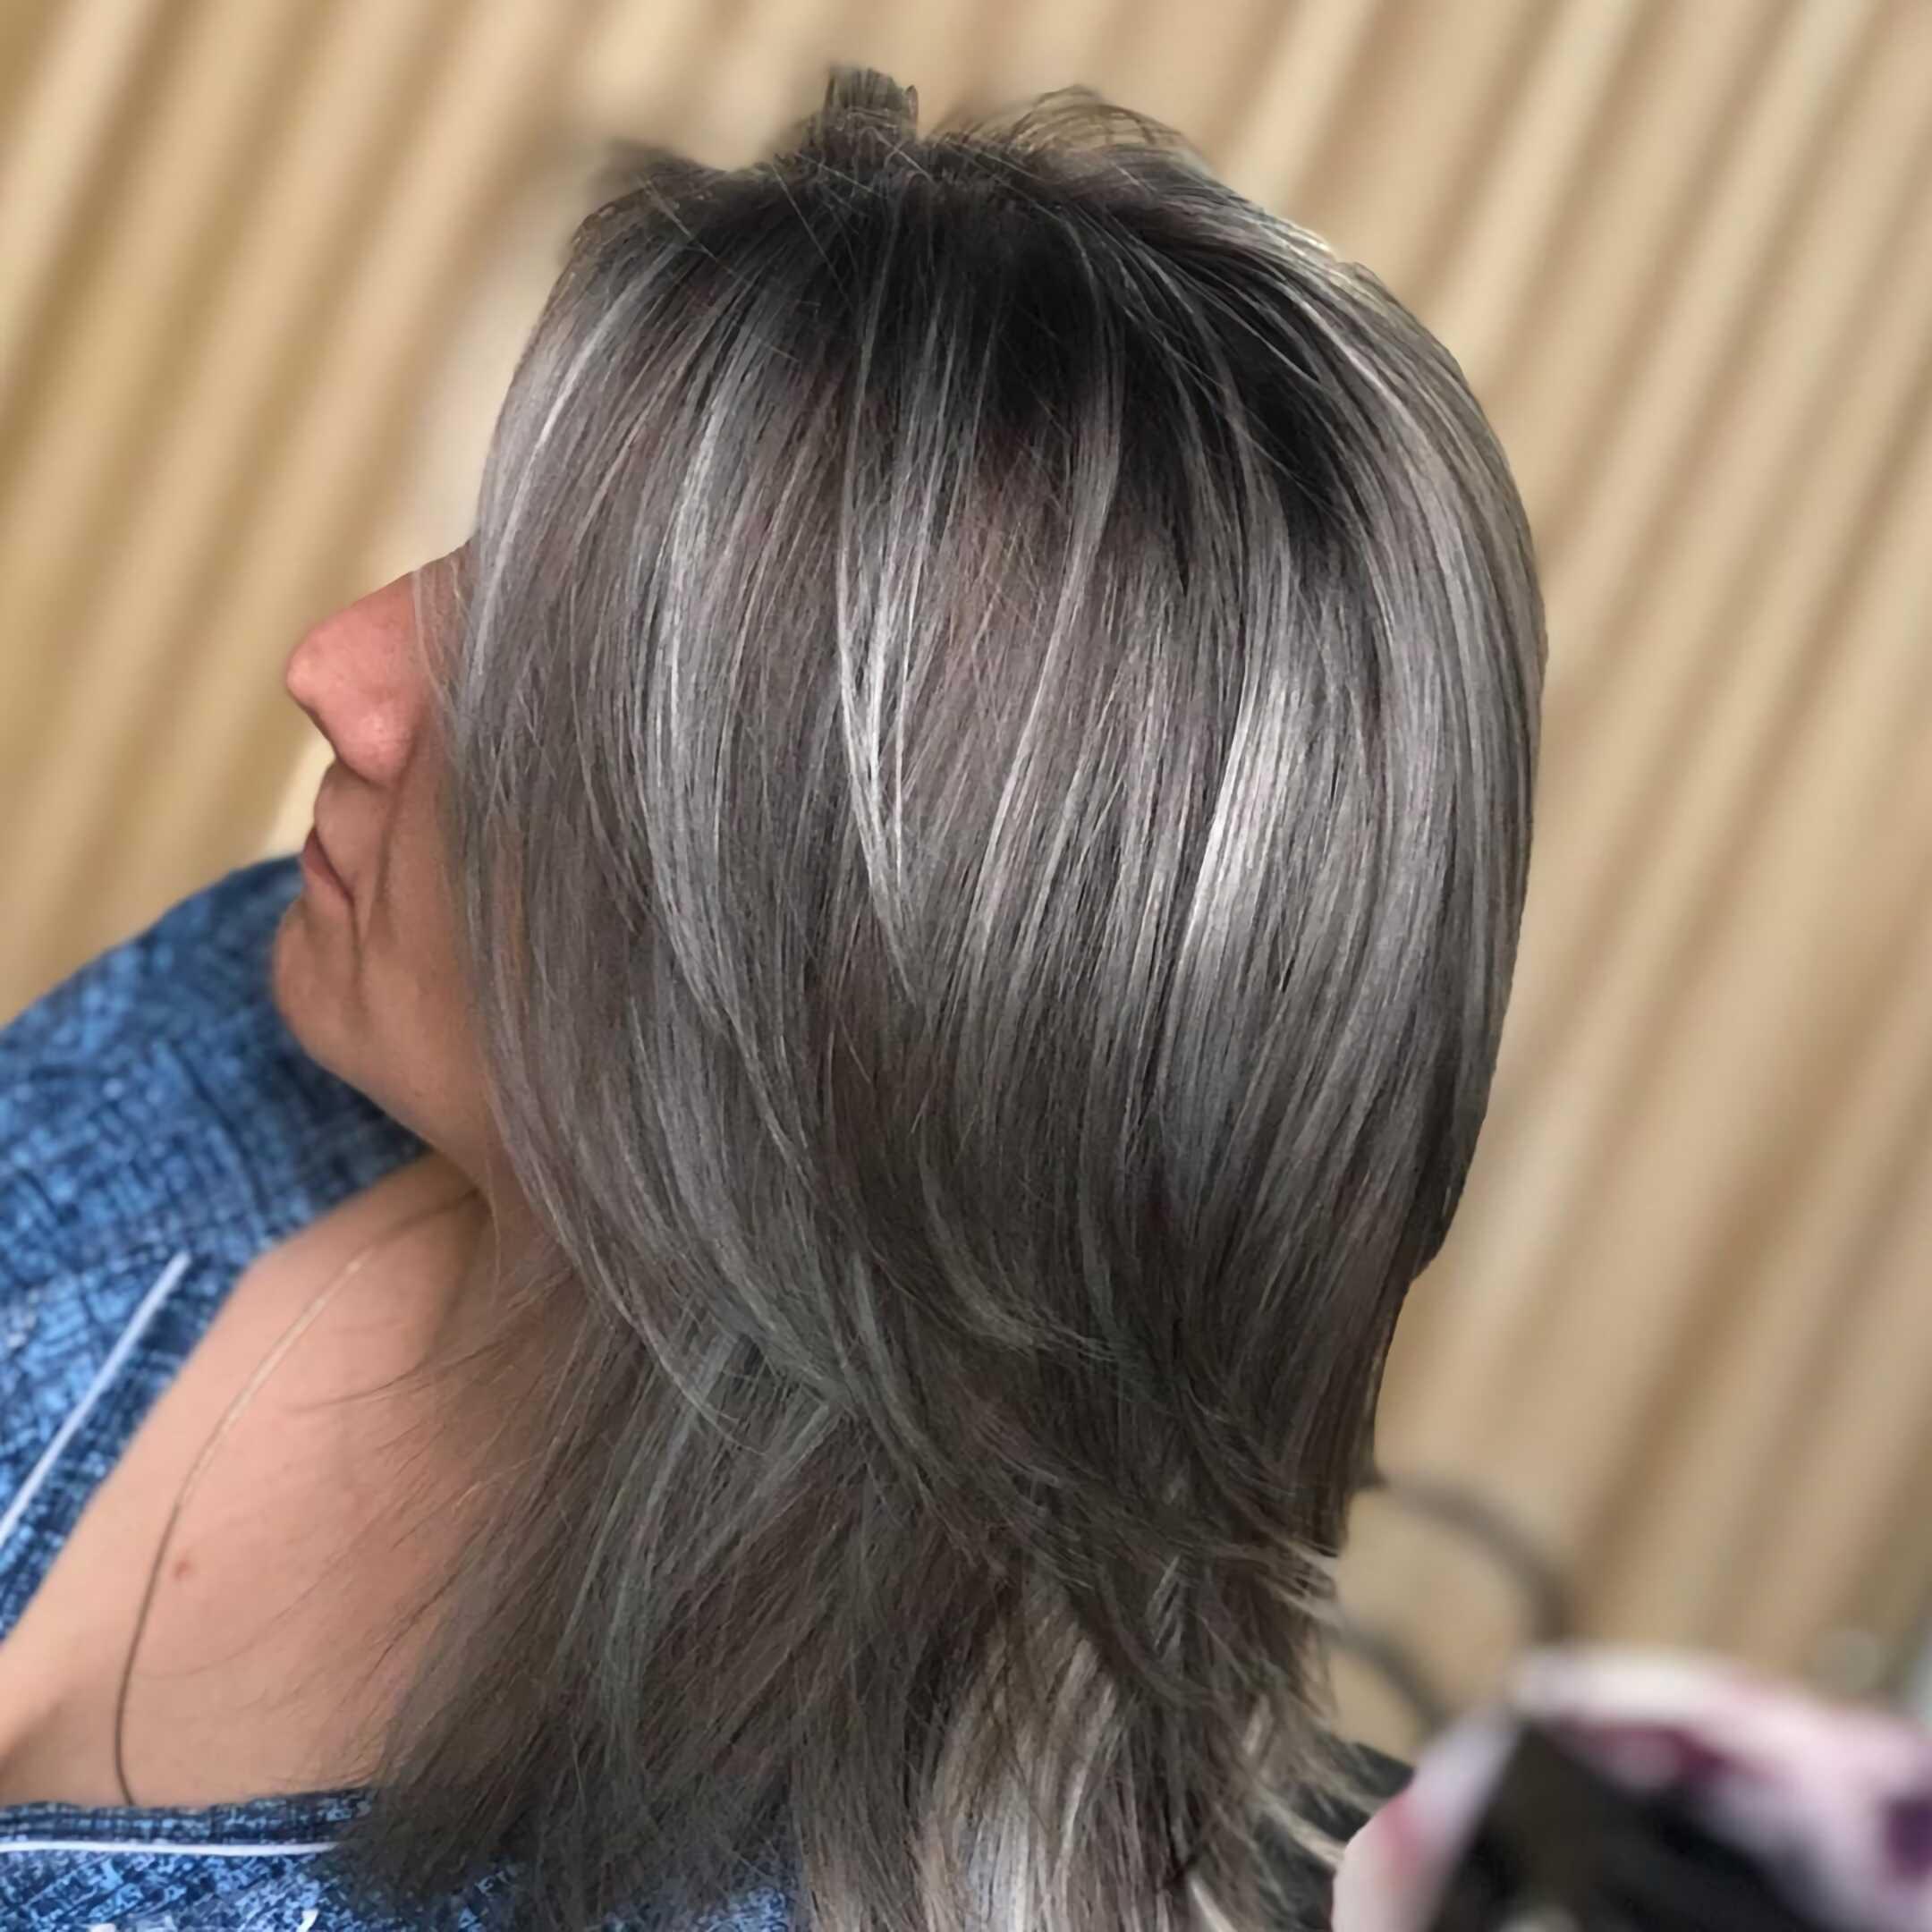 пепельная стрижка лесенка для пепельных волос